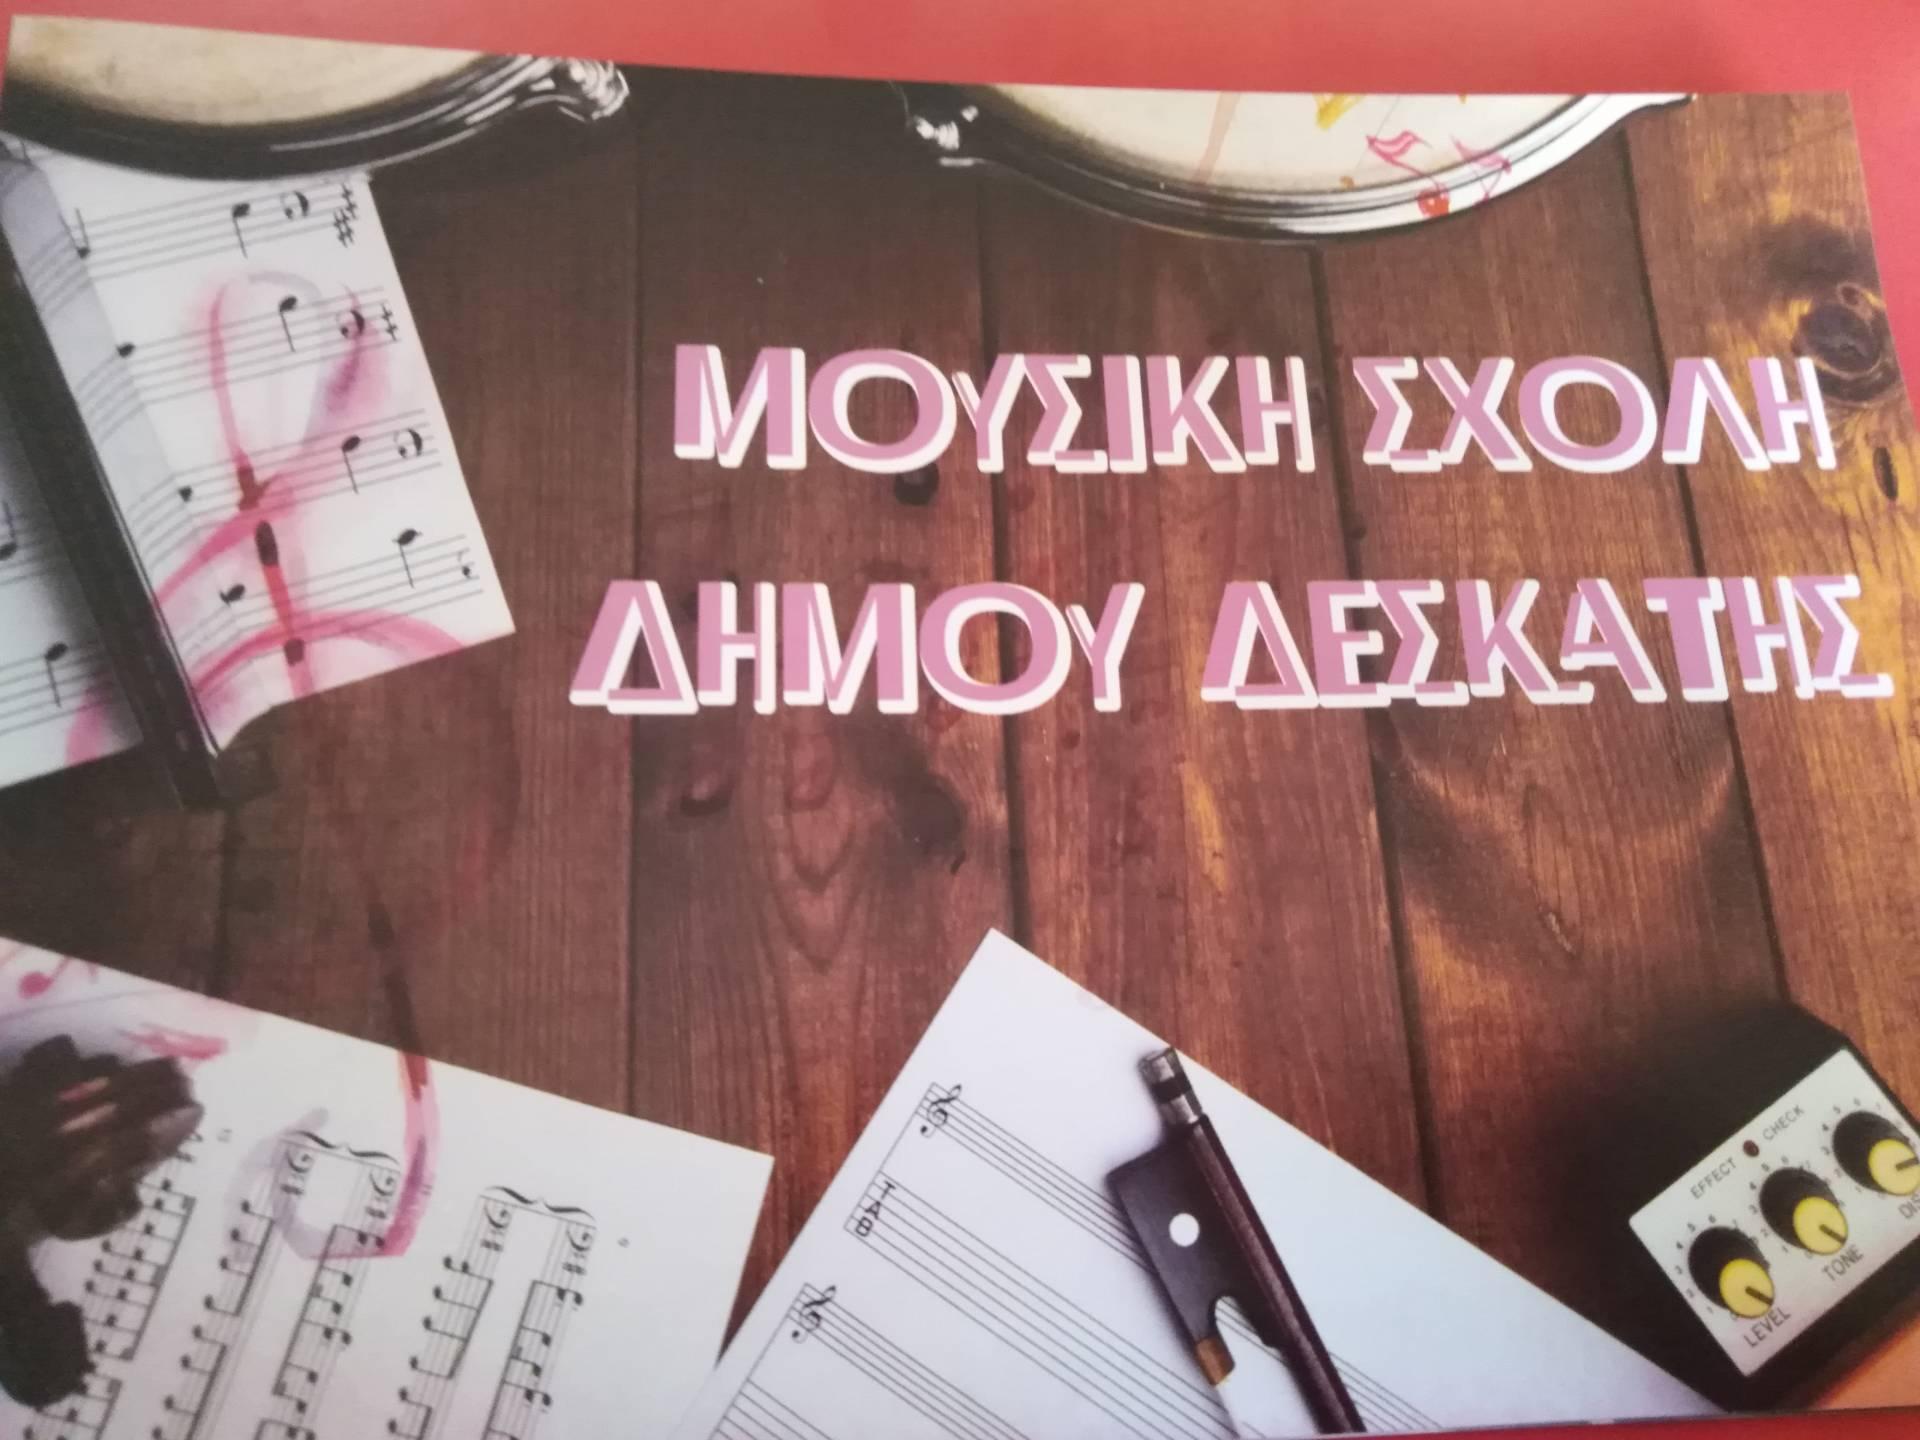 Δήμος Δεσκάτης: Ανακοίνωση για τα ωδεία και τις μουσικές σχολές